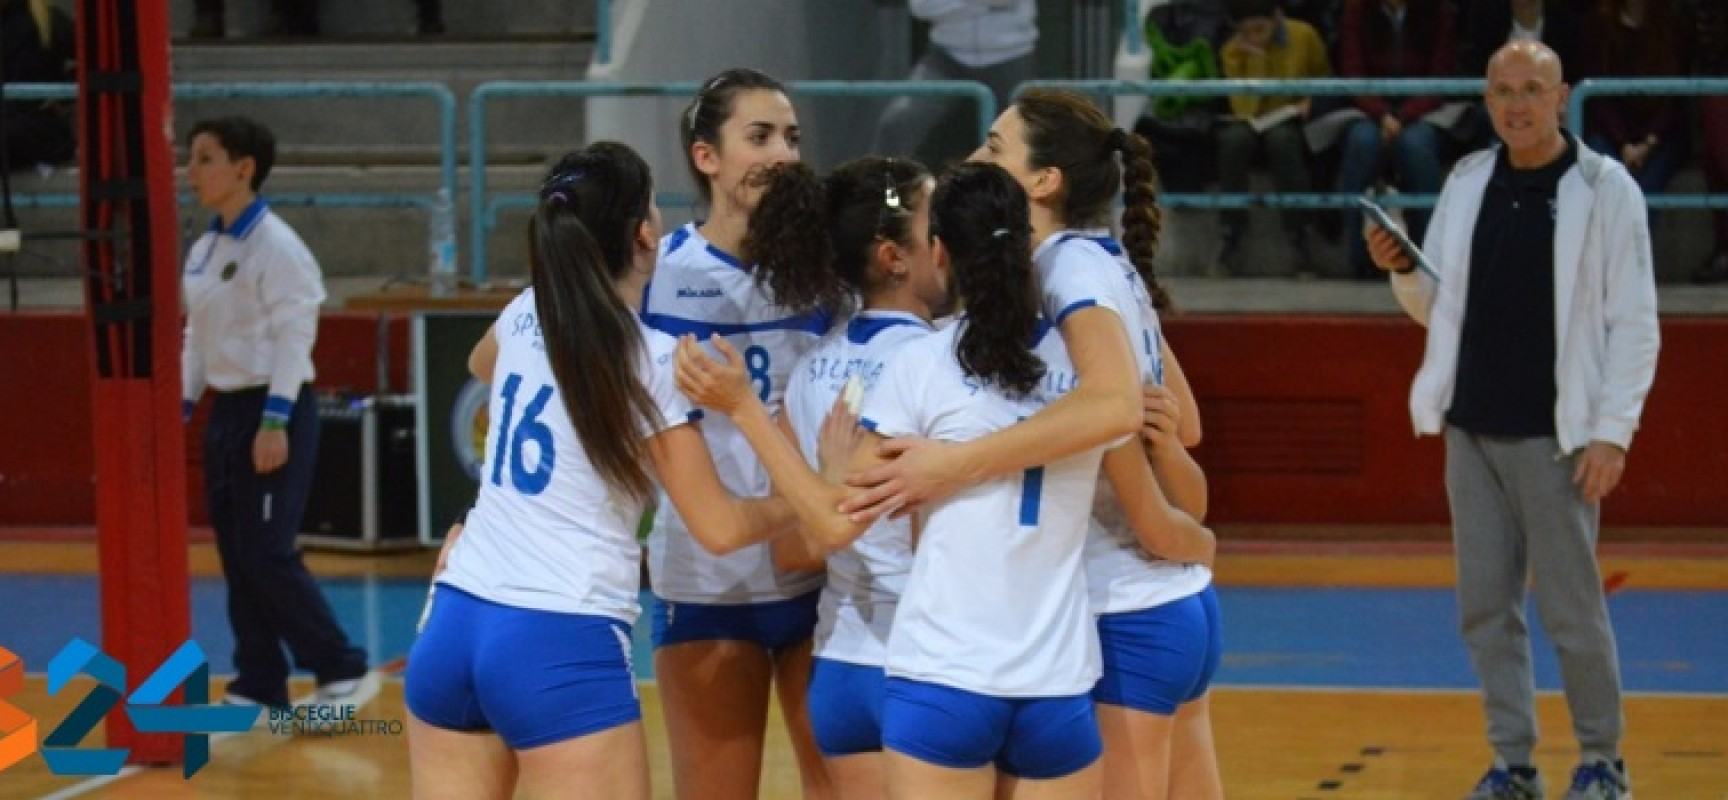 Sportilia Volley sconfitta a Manfredonia e fuori dai playoff